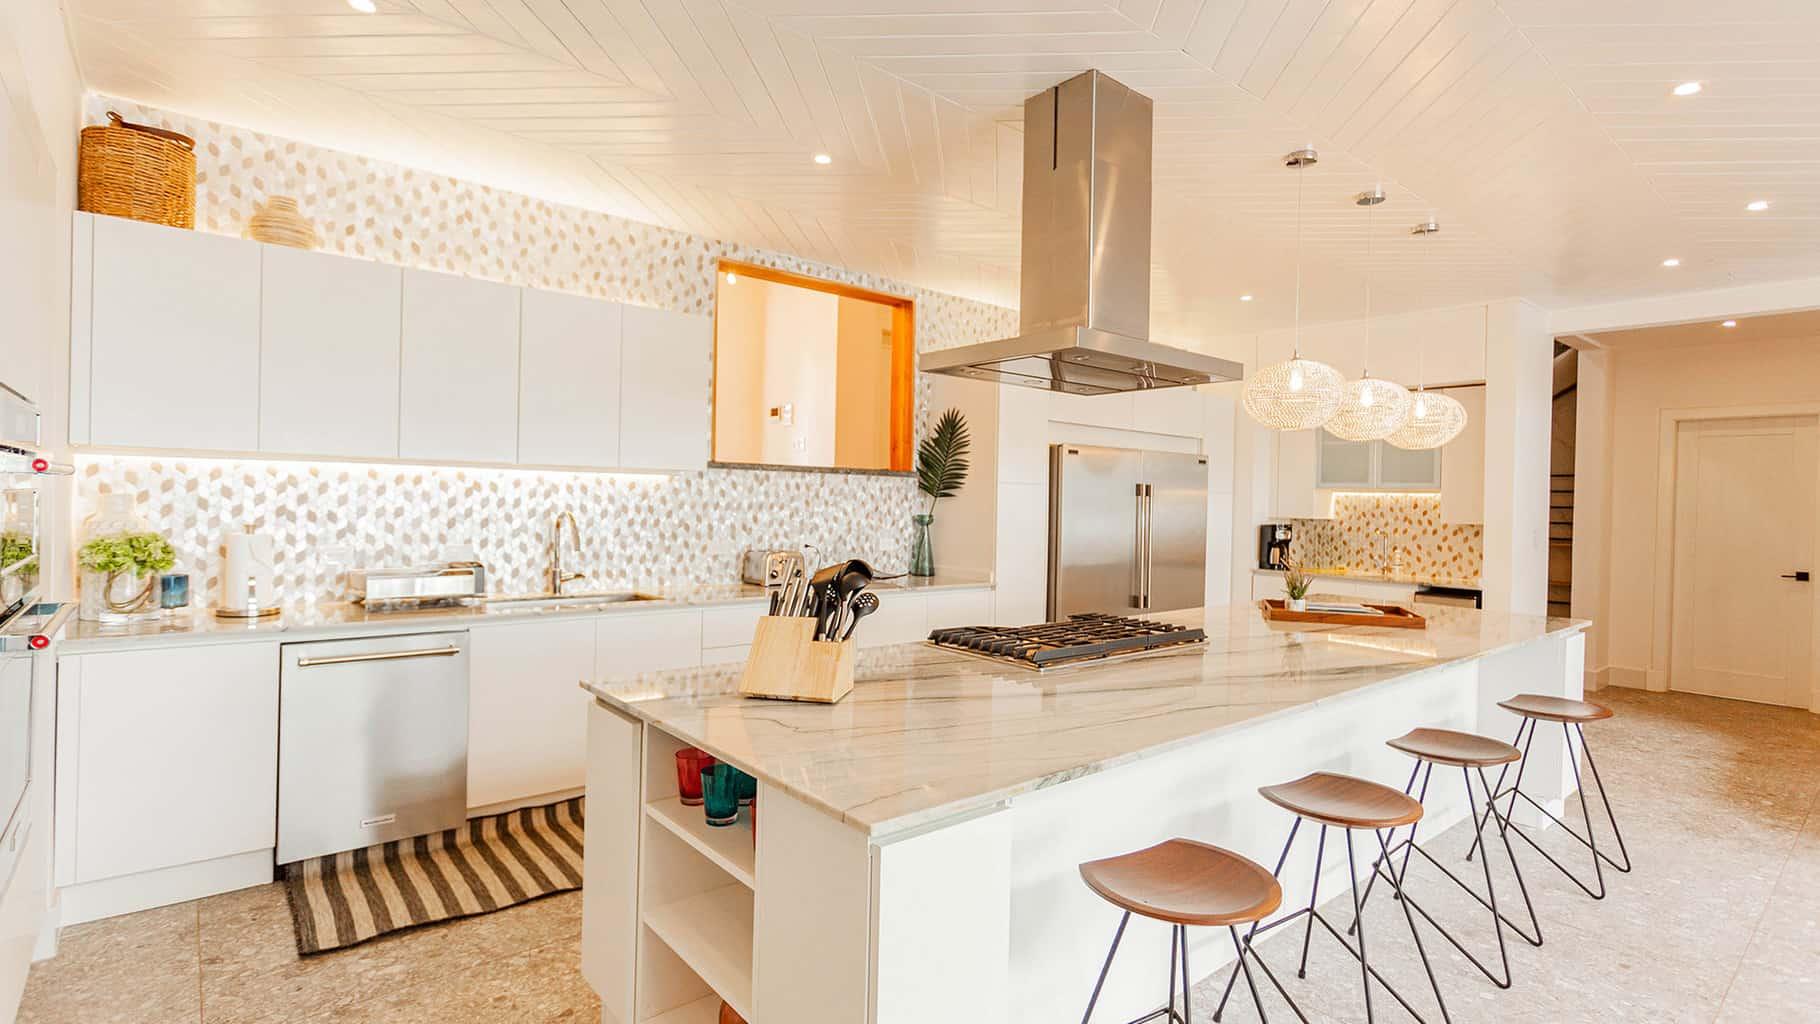 casaperla-kitchenbar2-tamarindo